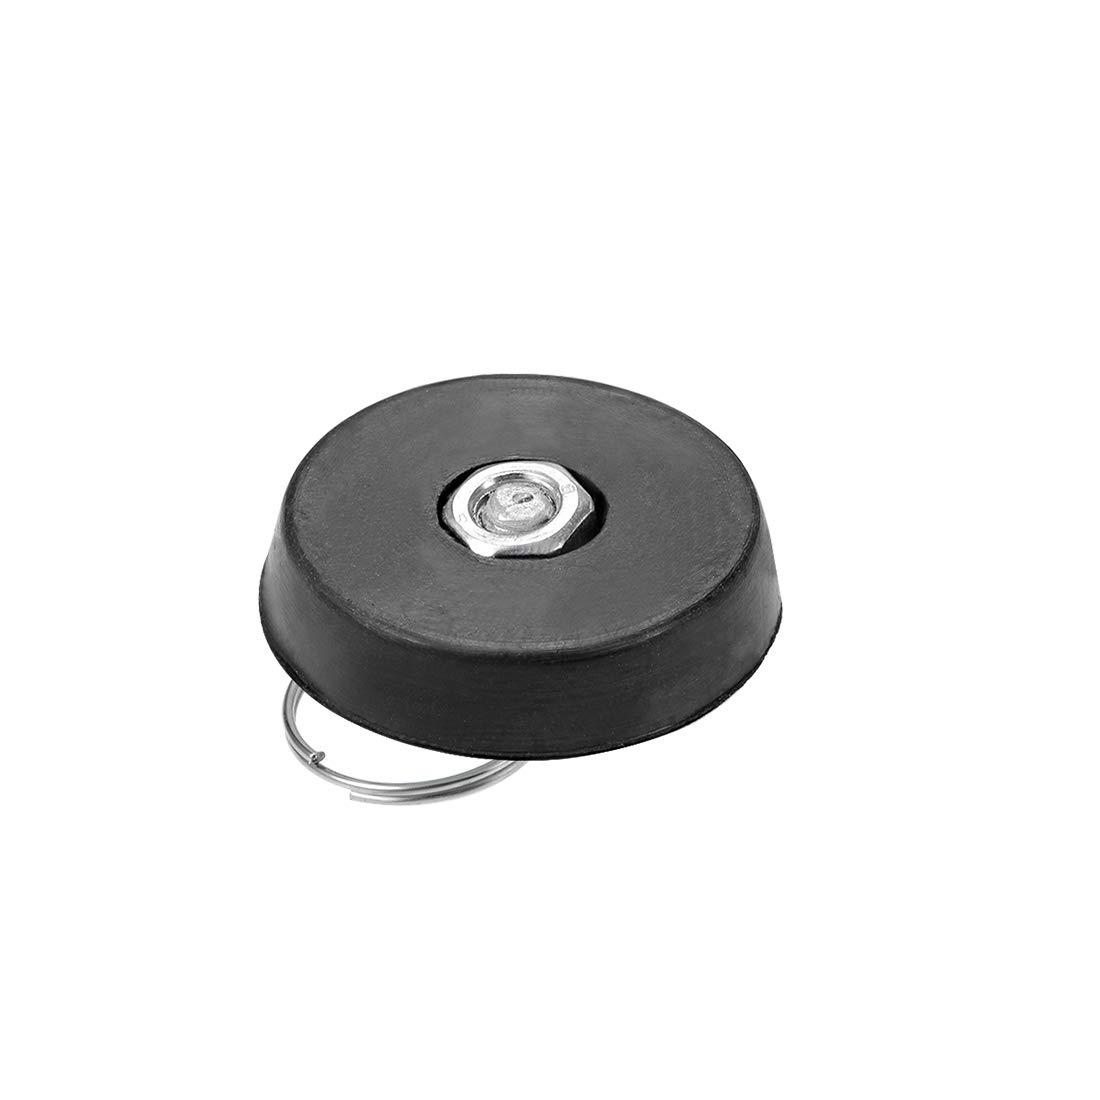 salle de bain 33-37mm,3 Pack Sourcing map Bouchon de vidange en caoutchouc avec anneau pour baignoire cuisine